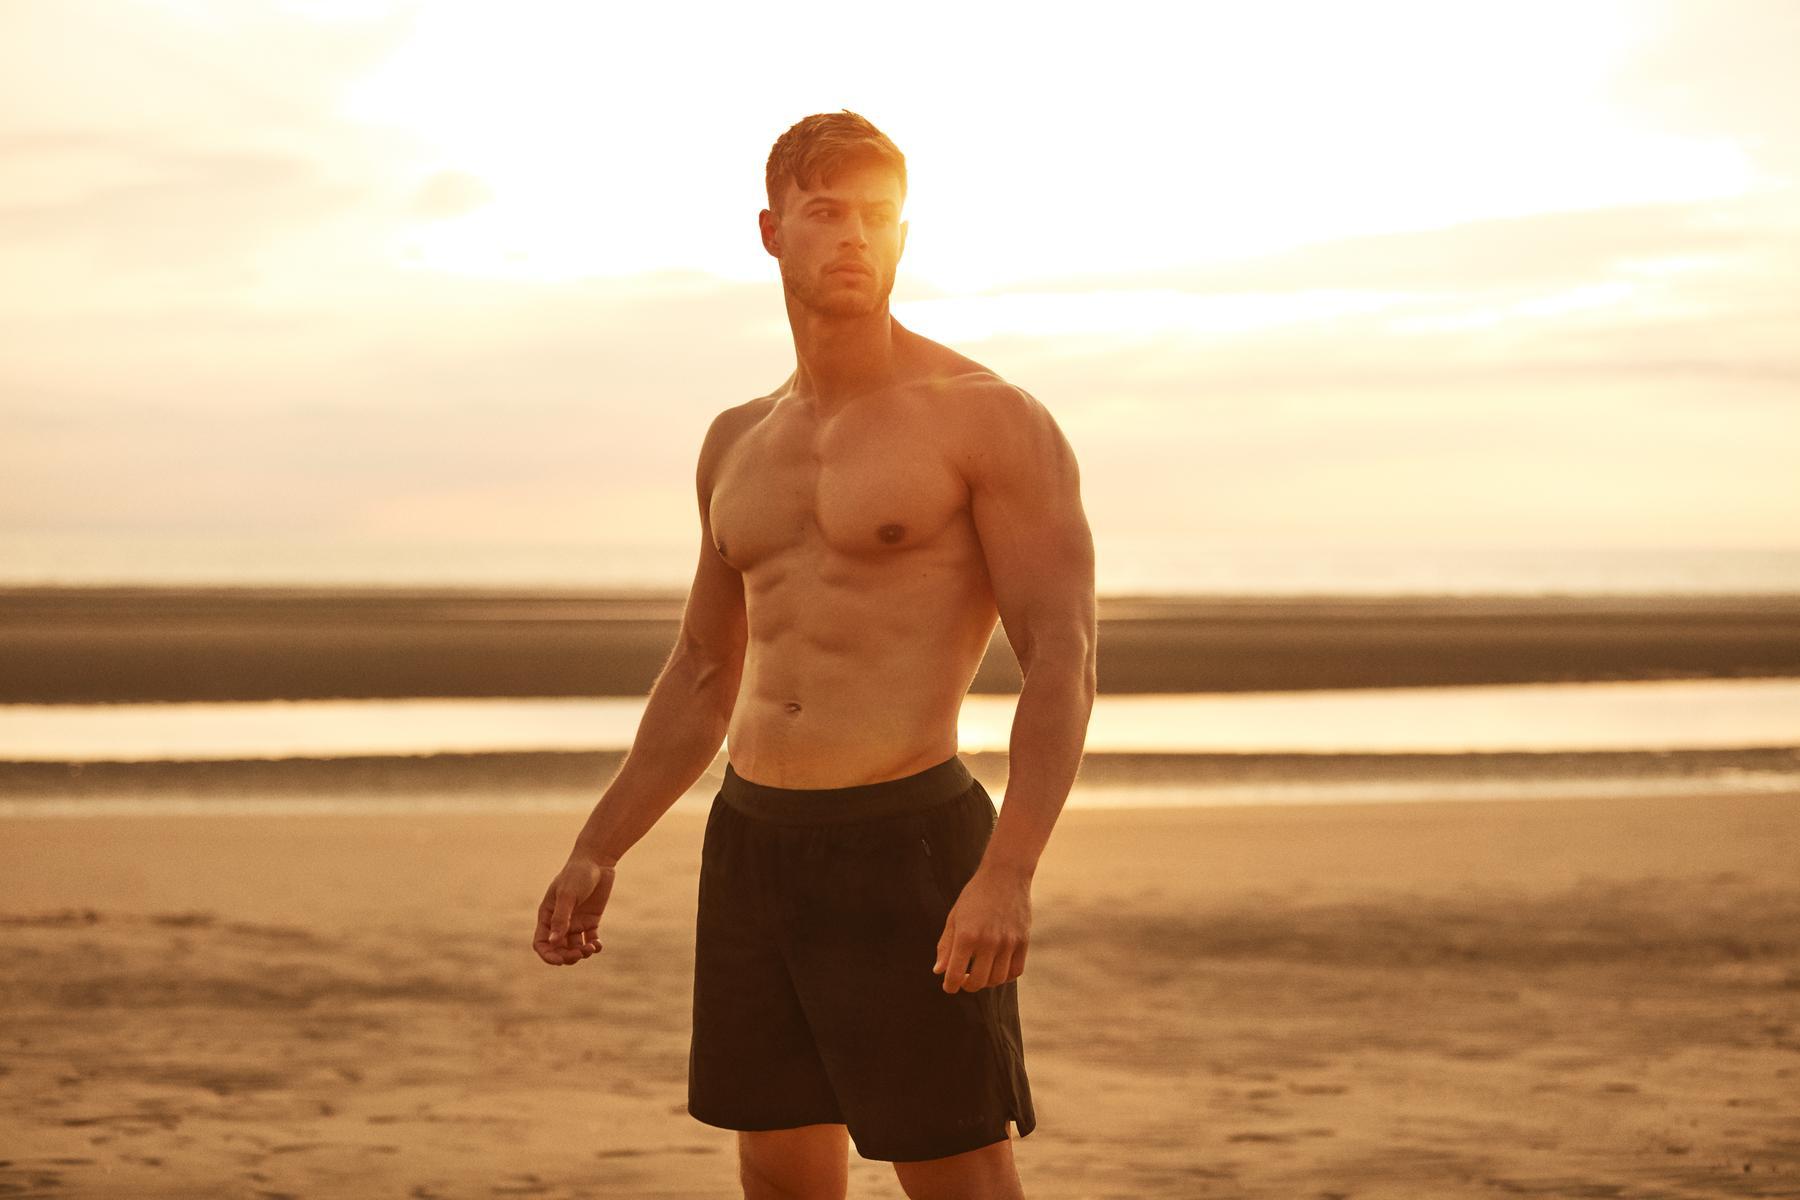 El mejor entrenamiento con pesas según tu tipo de cuerpo